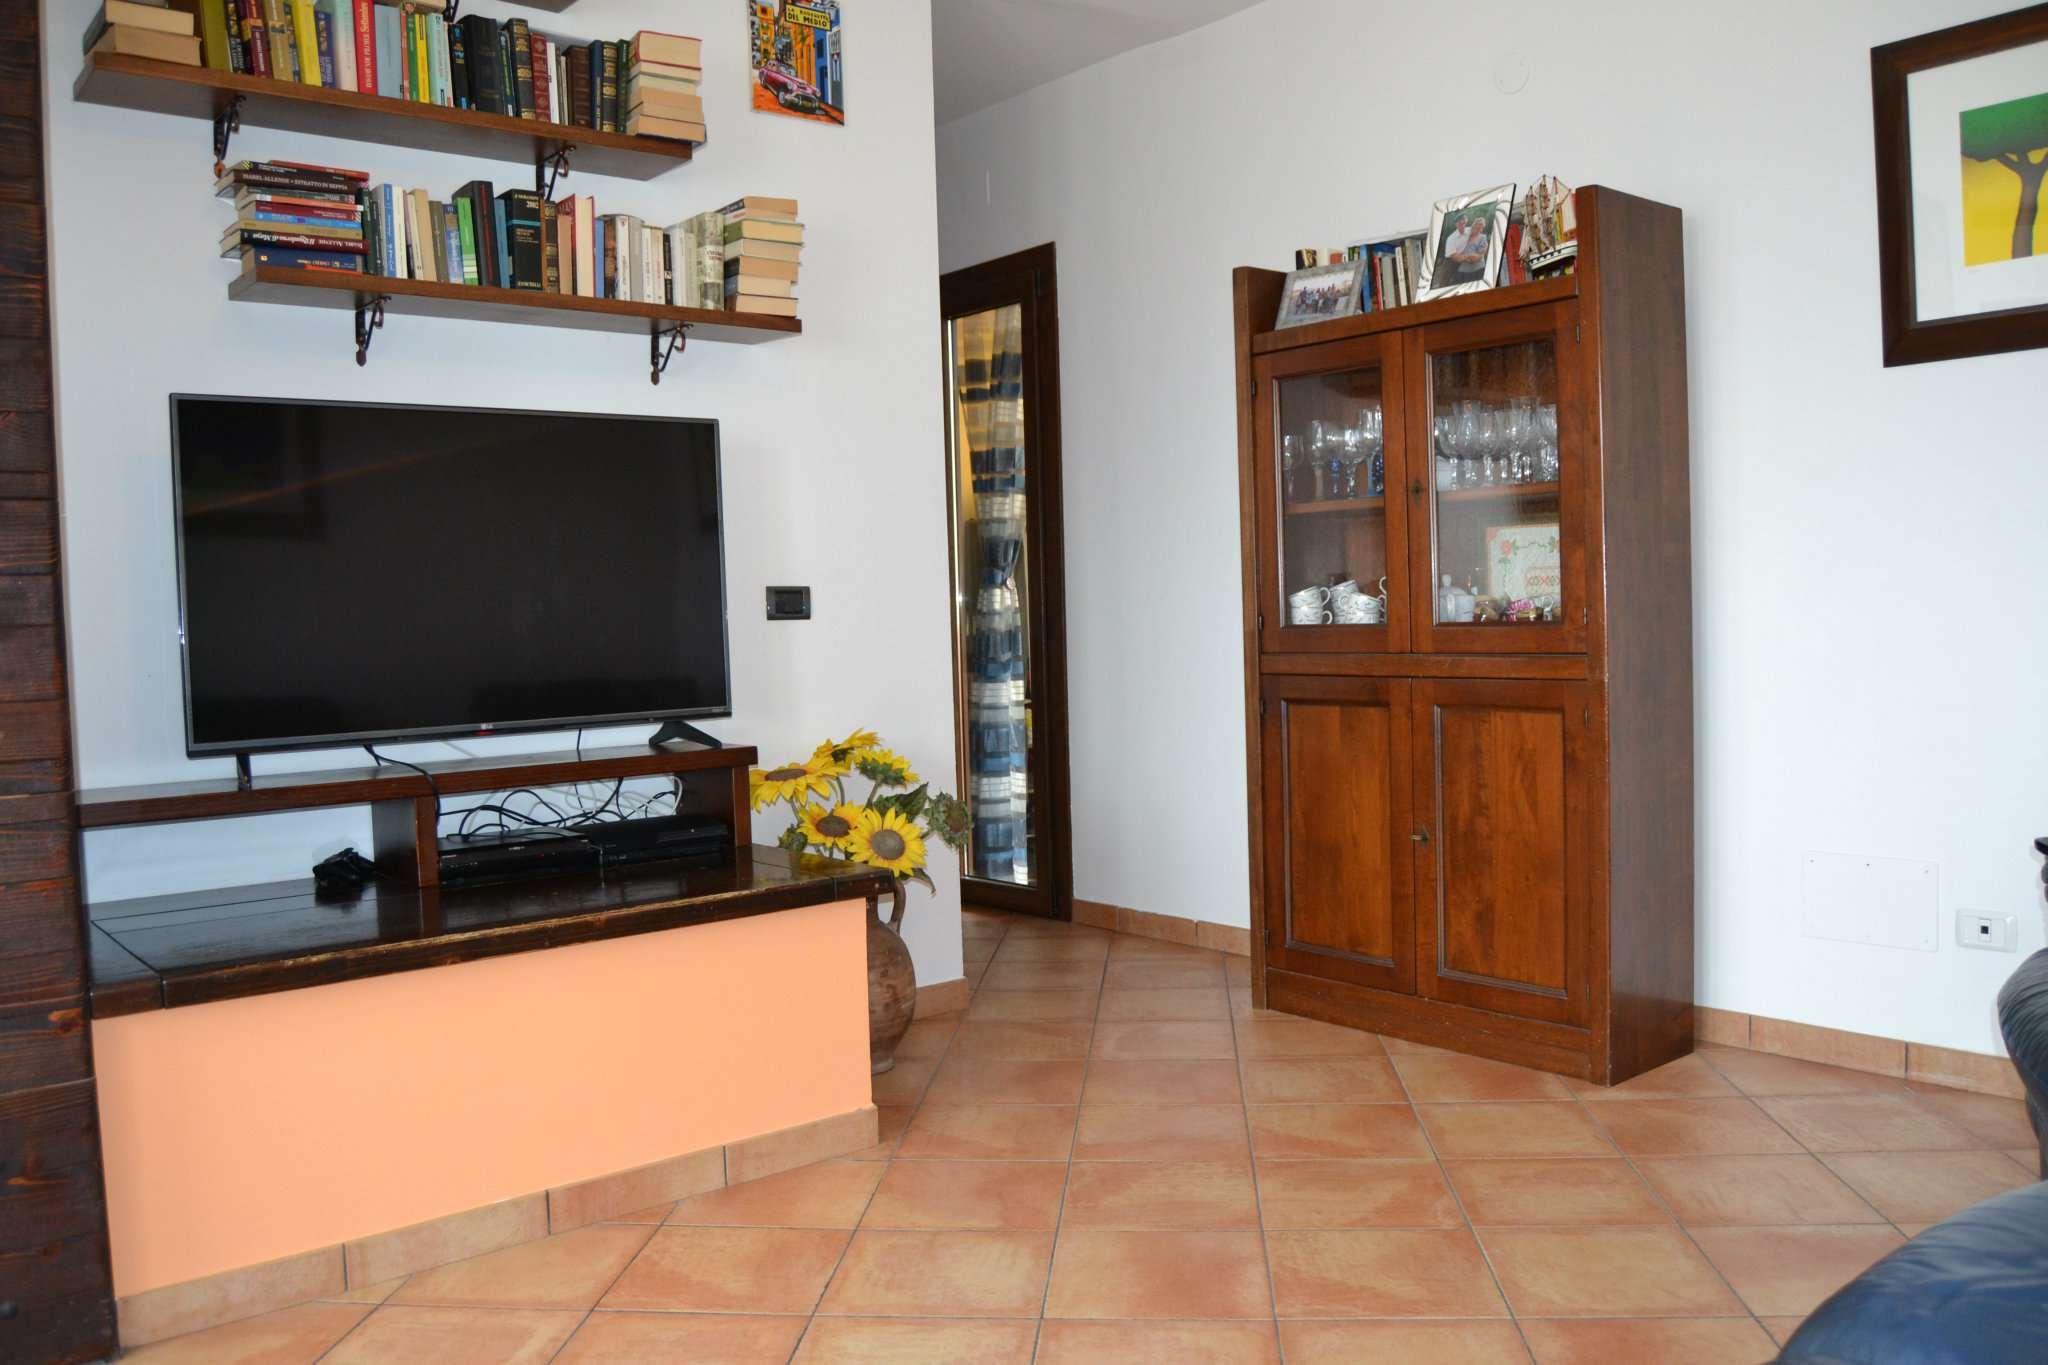 Appartamento in vendita a Agugliano, 3 locali, prezzo € 150.000 | CambioCasa.it